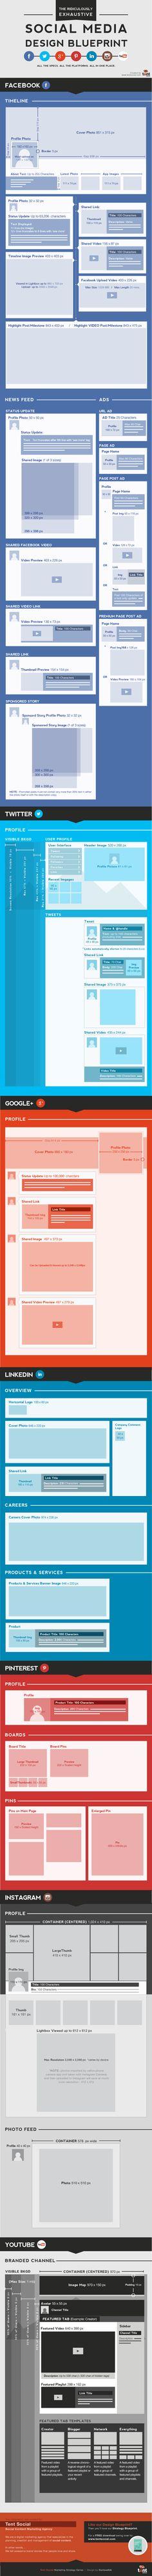 Guía completa tamaños imágenes en Redes Sociales